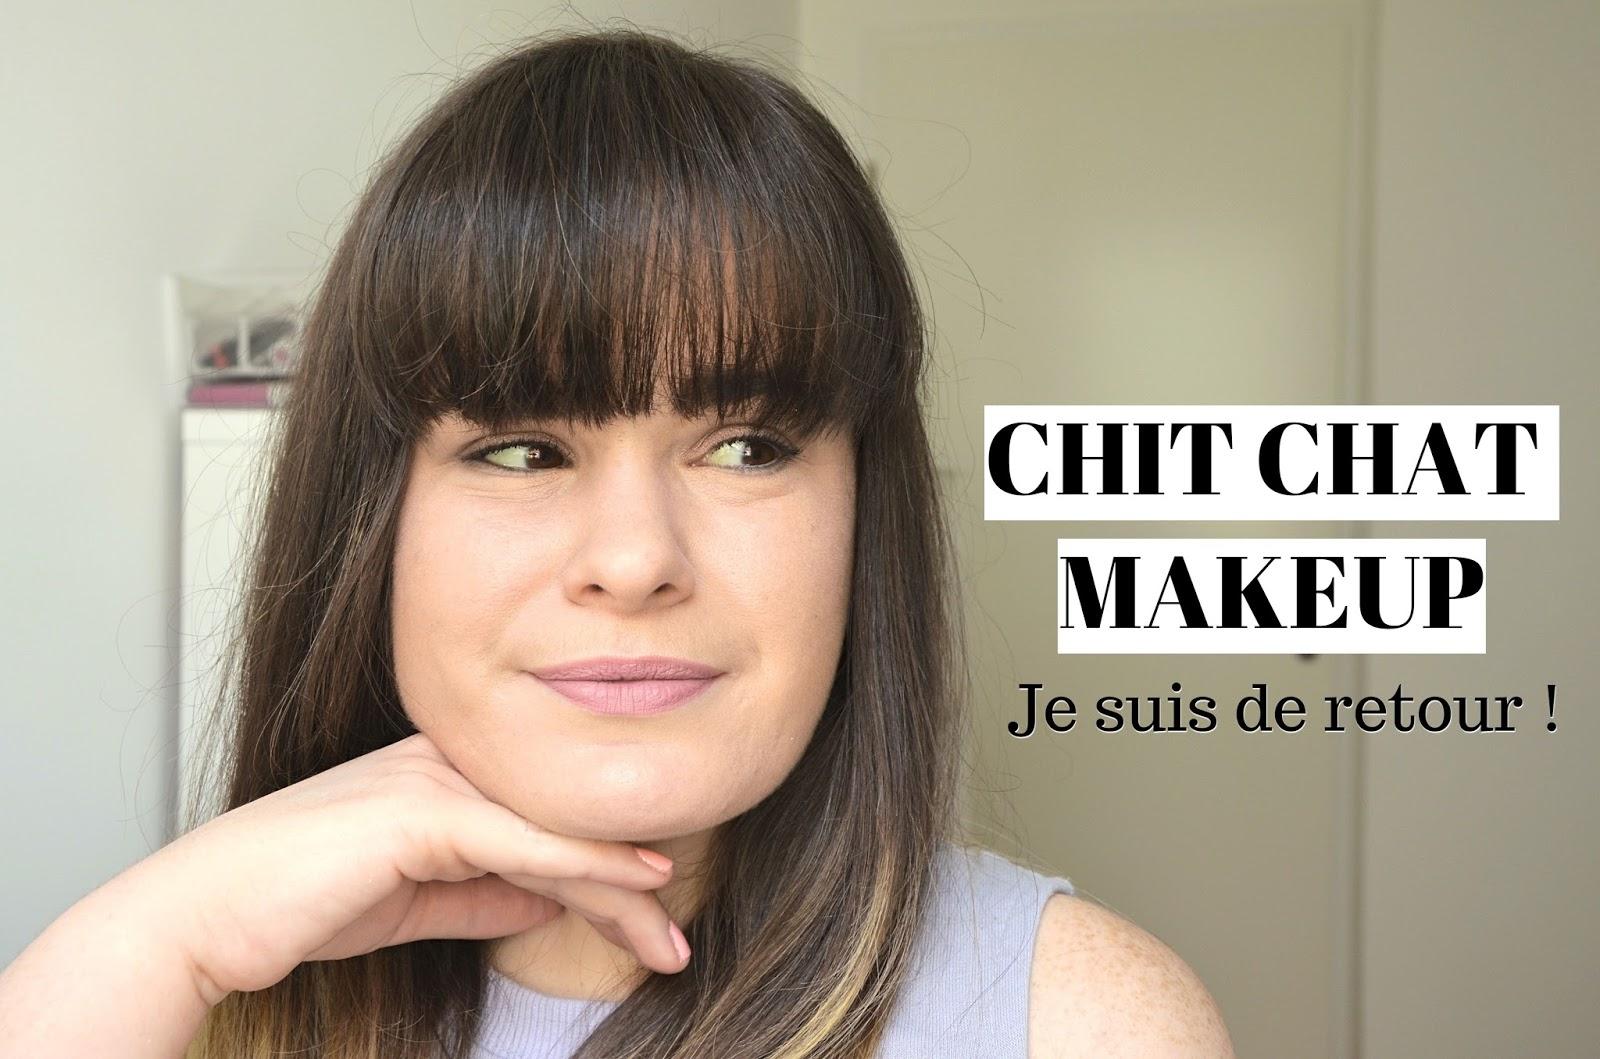 Chit chat makeup maquillage et blabla je suis de retour blogueuse et youtubeuse beauté à toulouse